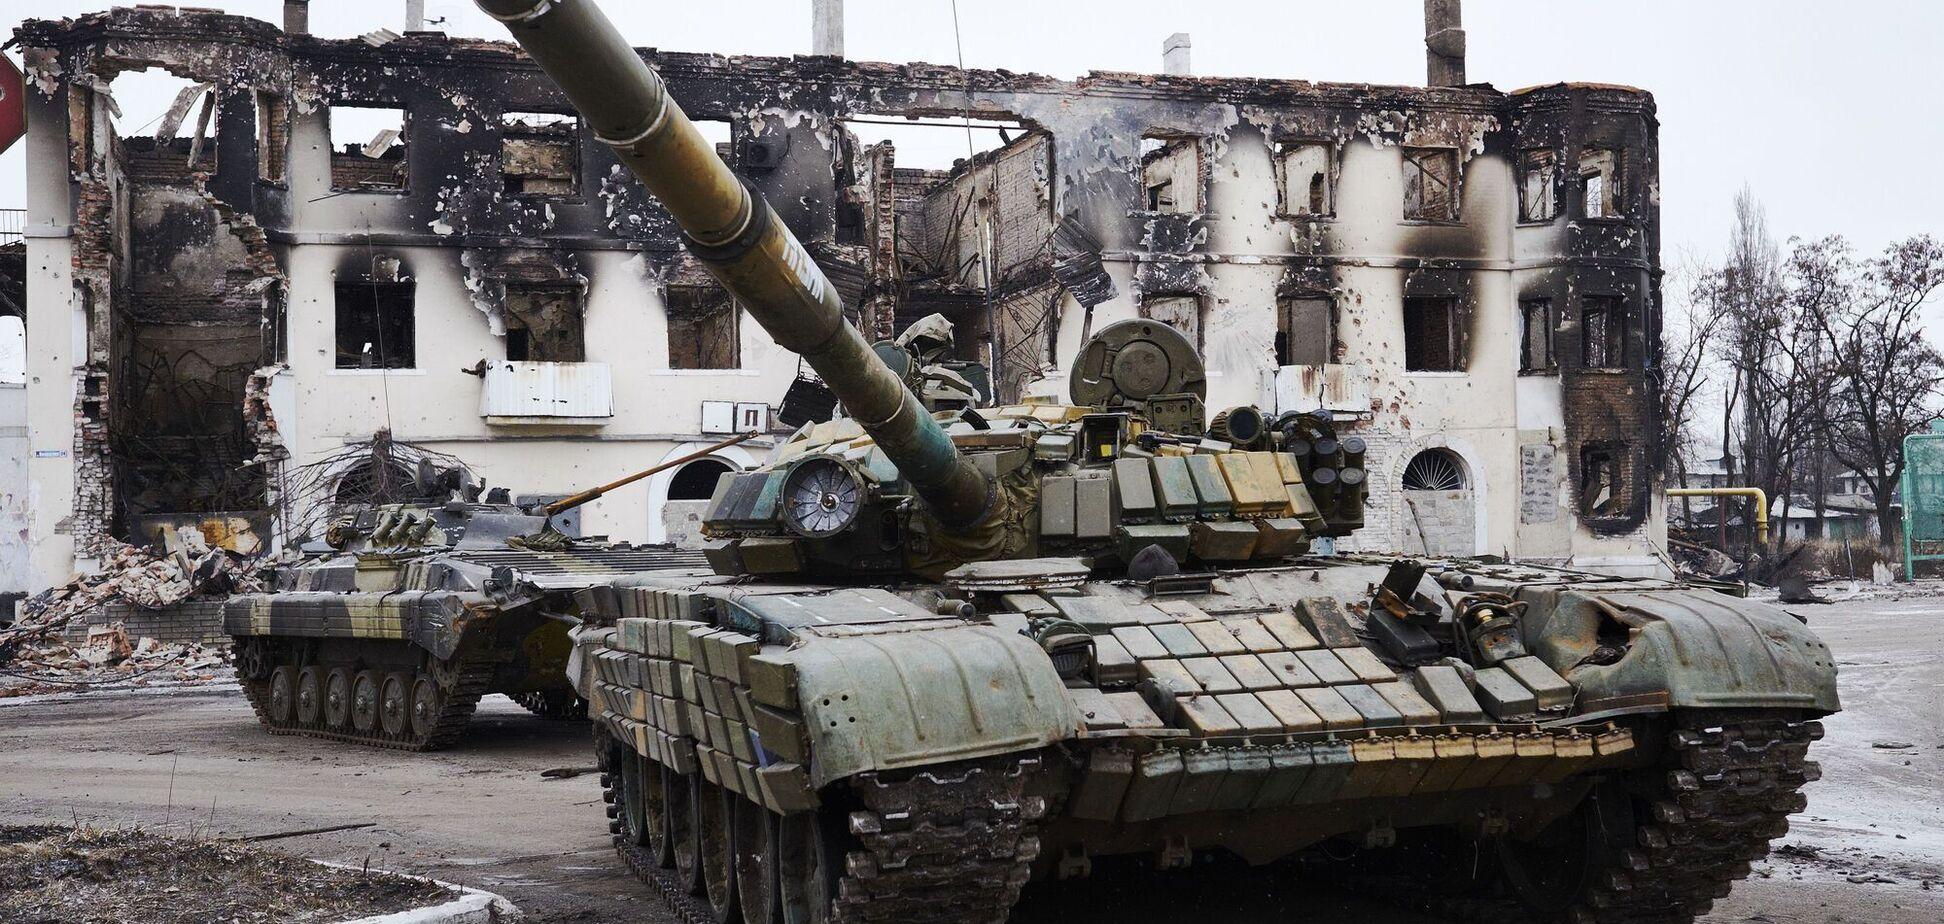 Оккупанты обстреляли ВСУ из запрещенного оружия, ранен украинский боец